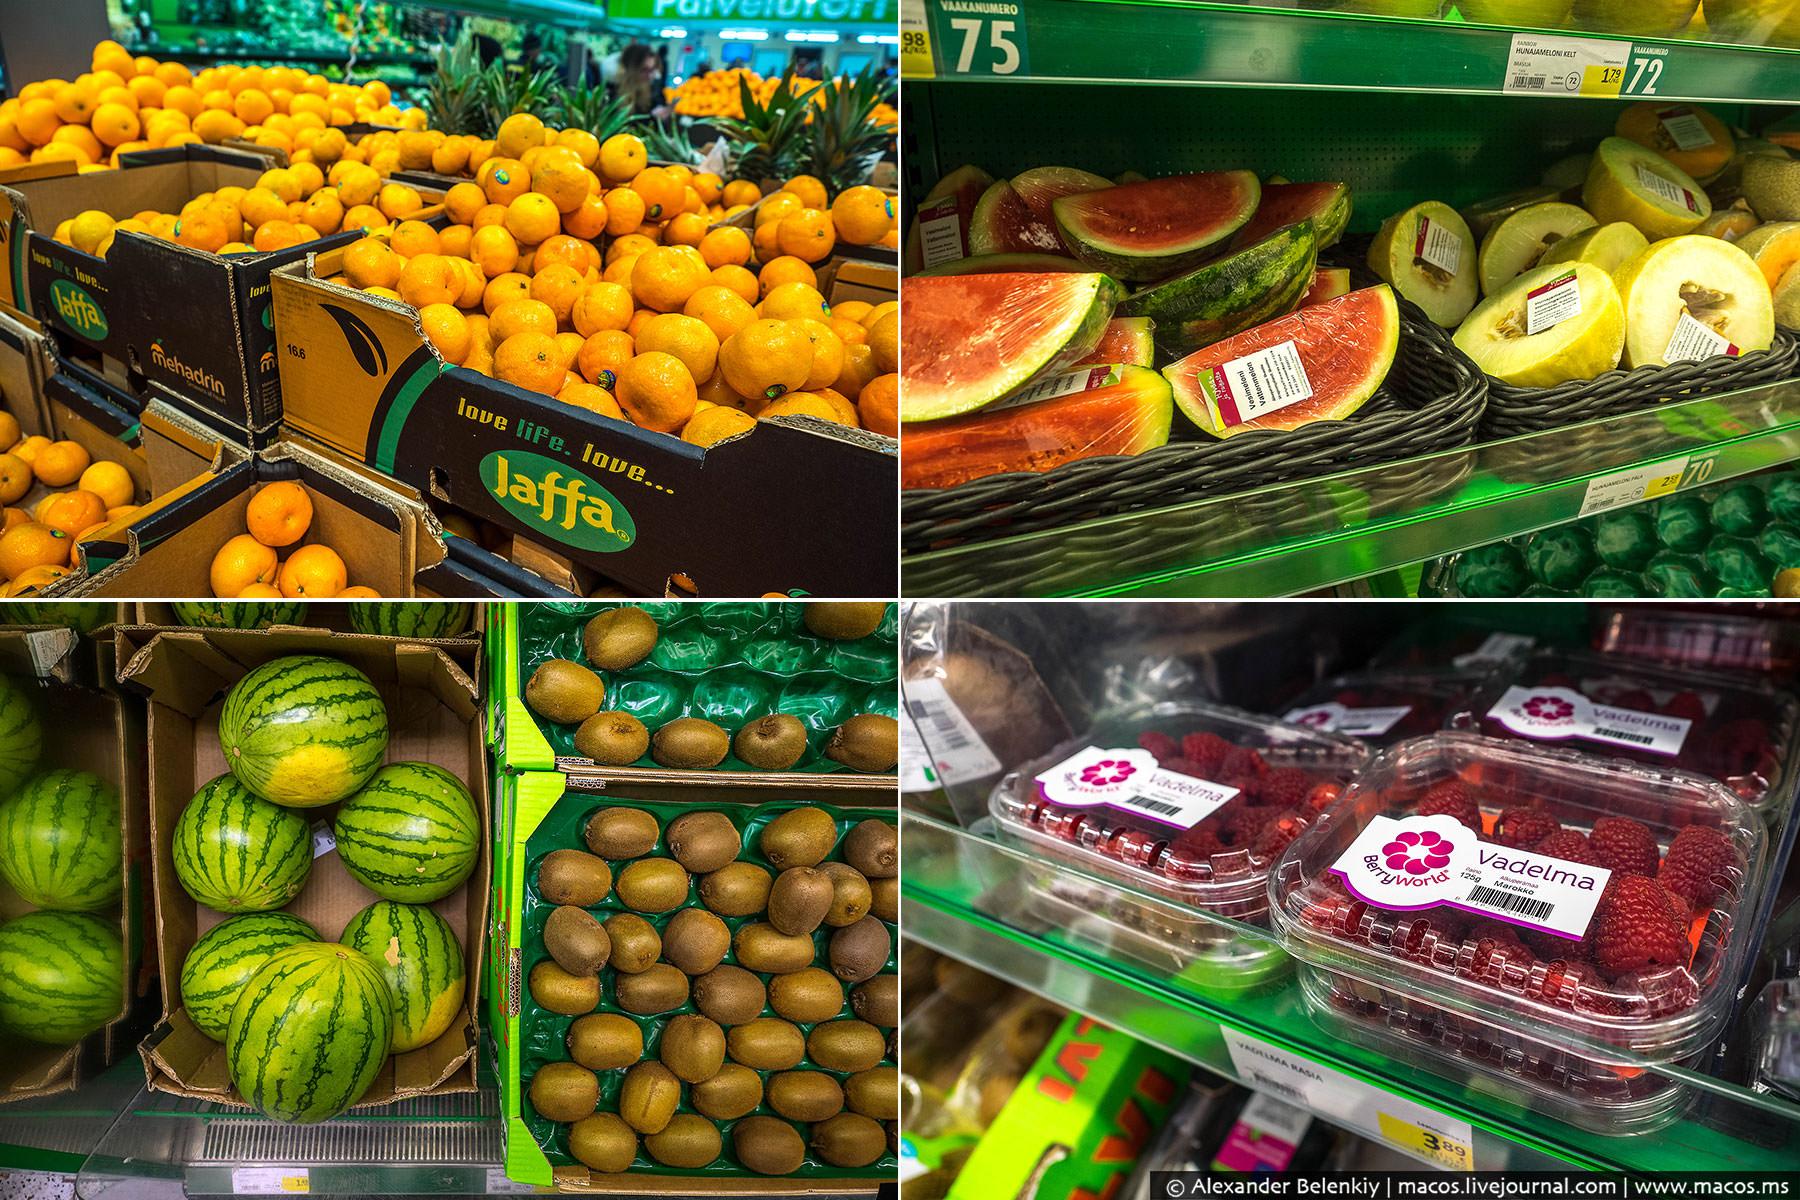 Фрукты в любое время года — пожалуйста! Апельсины и арбузы из Израиля, дыни не помню откуда, малина